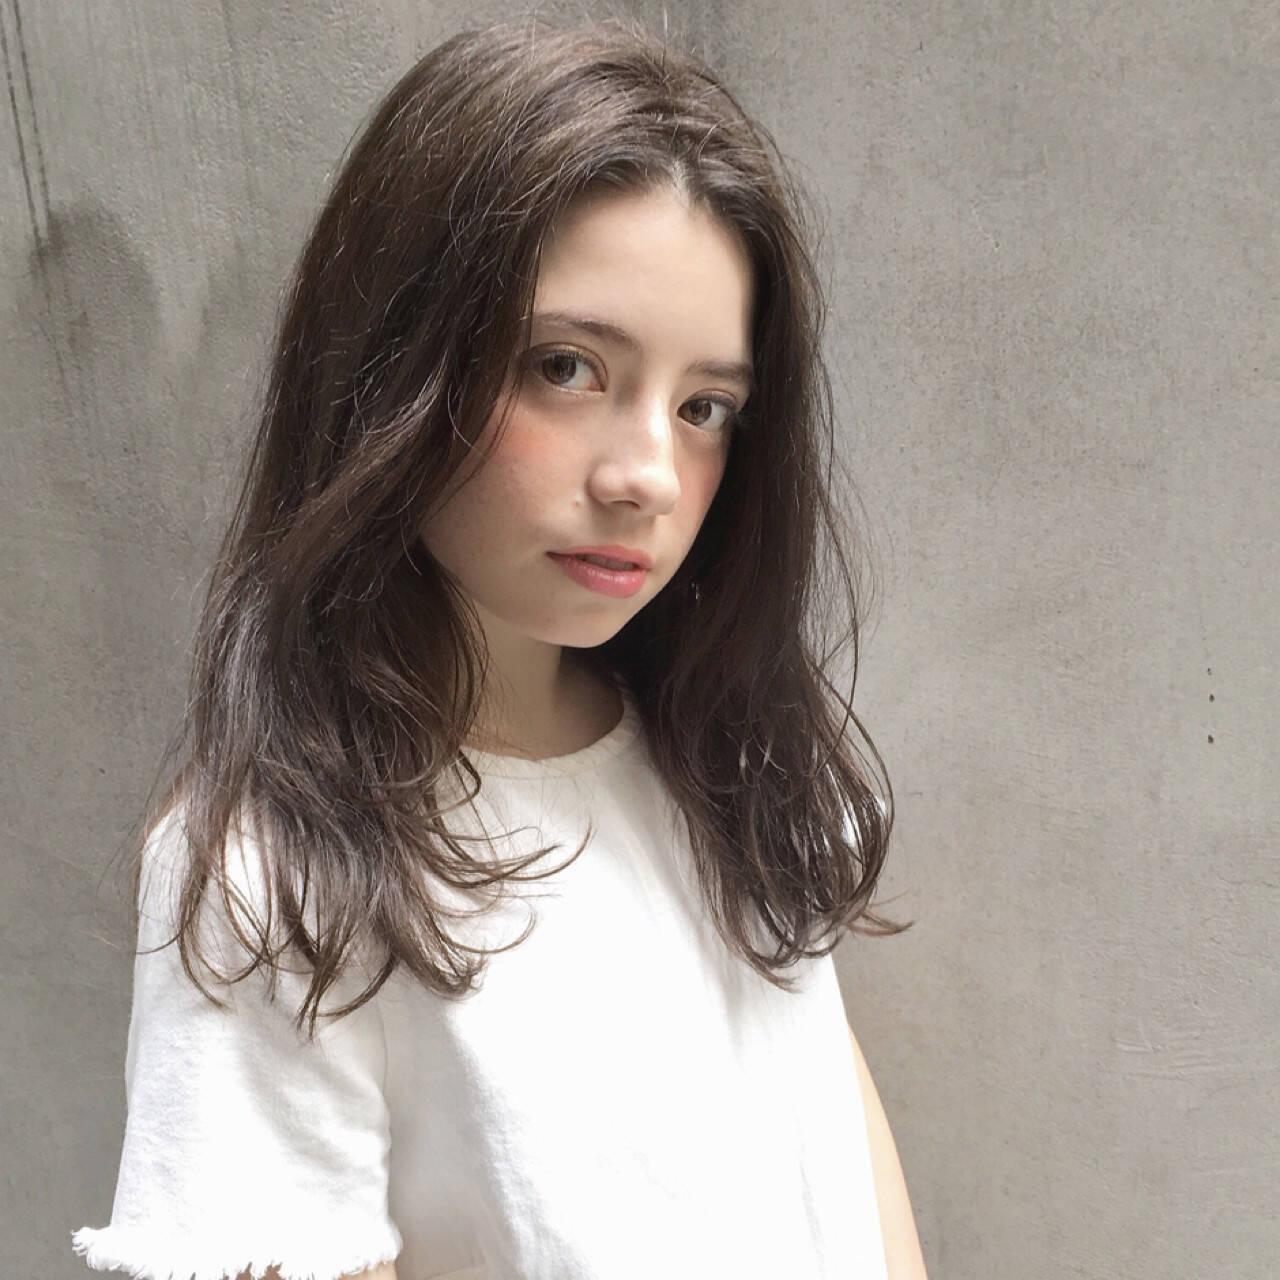 フリンジバング ナチュラル 大人女子 前髪ありヘアスタイルや髪型の写真・画像